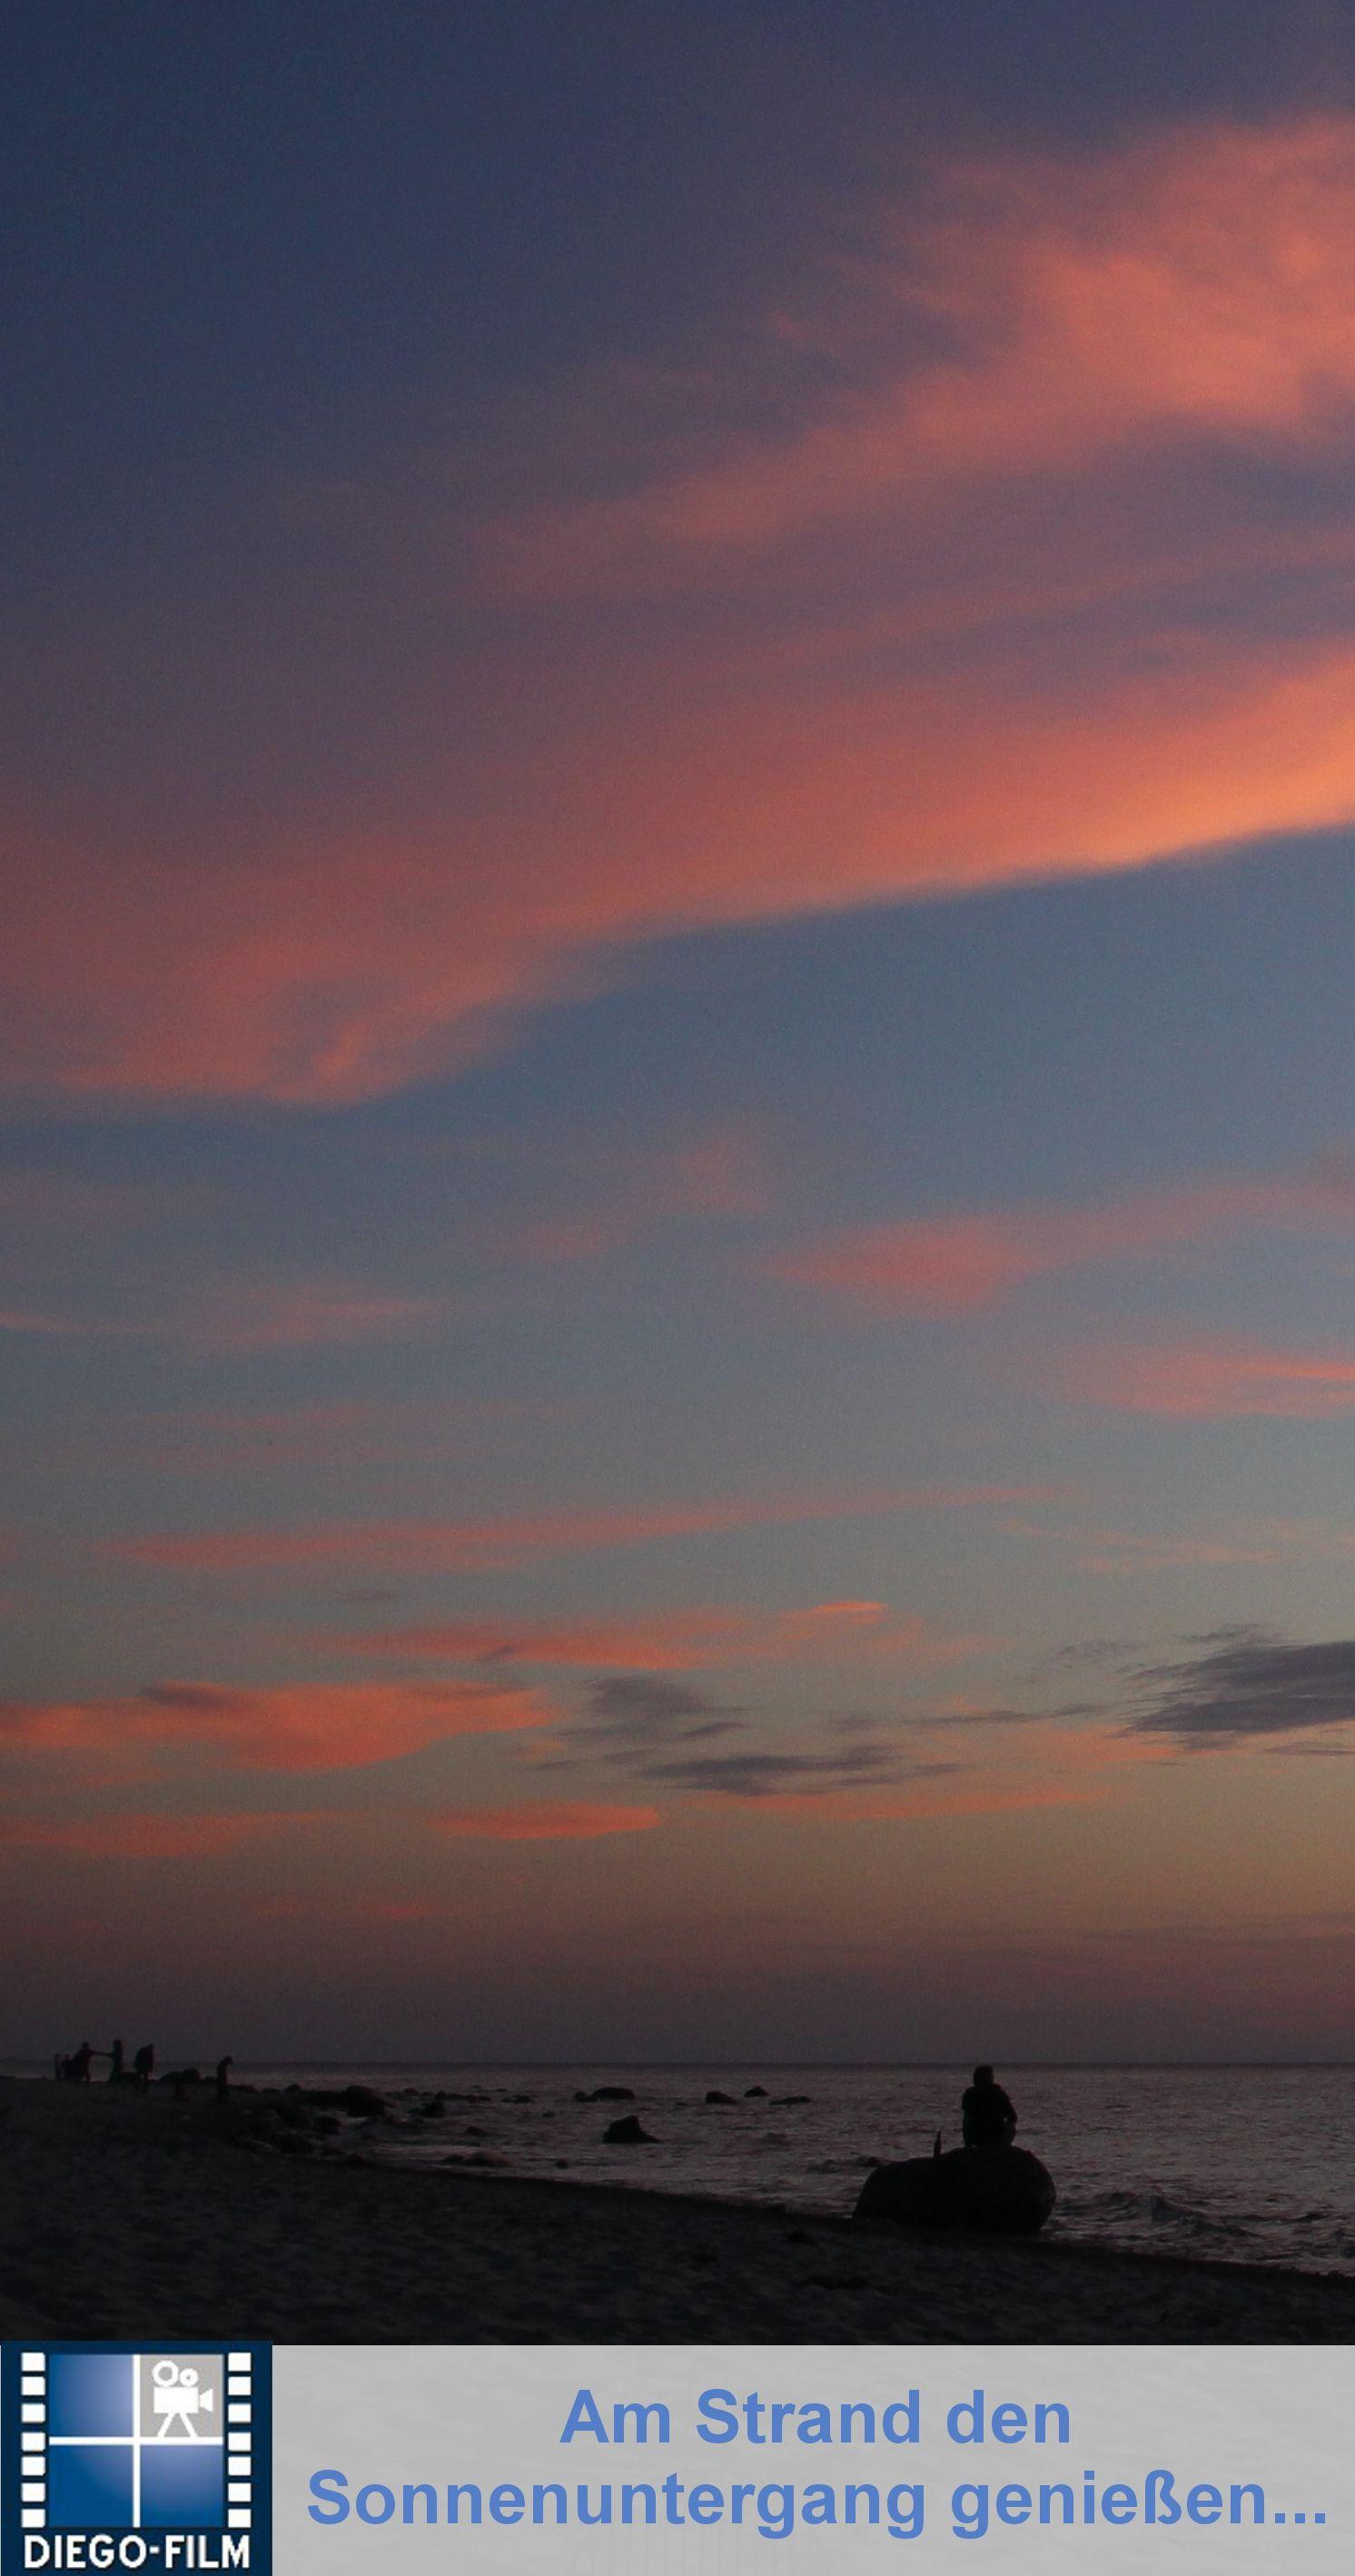 Und ab in den Sonnenuntergang ... http://diego-film.de/ ... #ostsee #sonnenuntergang #strand #urlaub #ferien #reisen #sonne